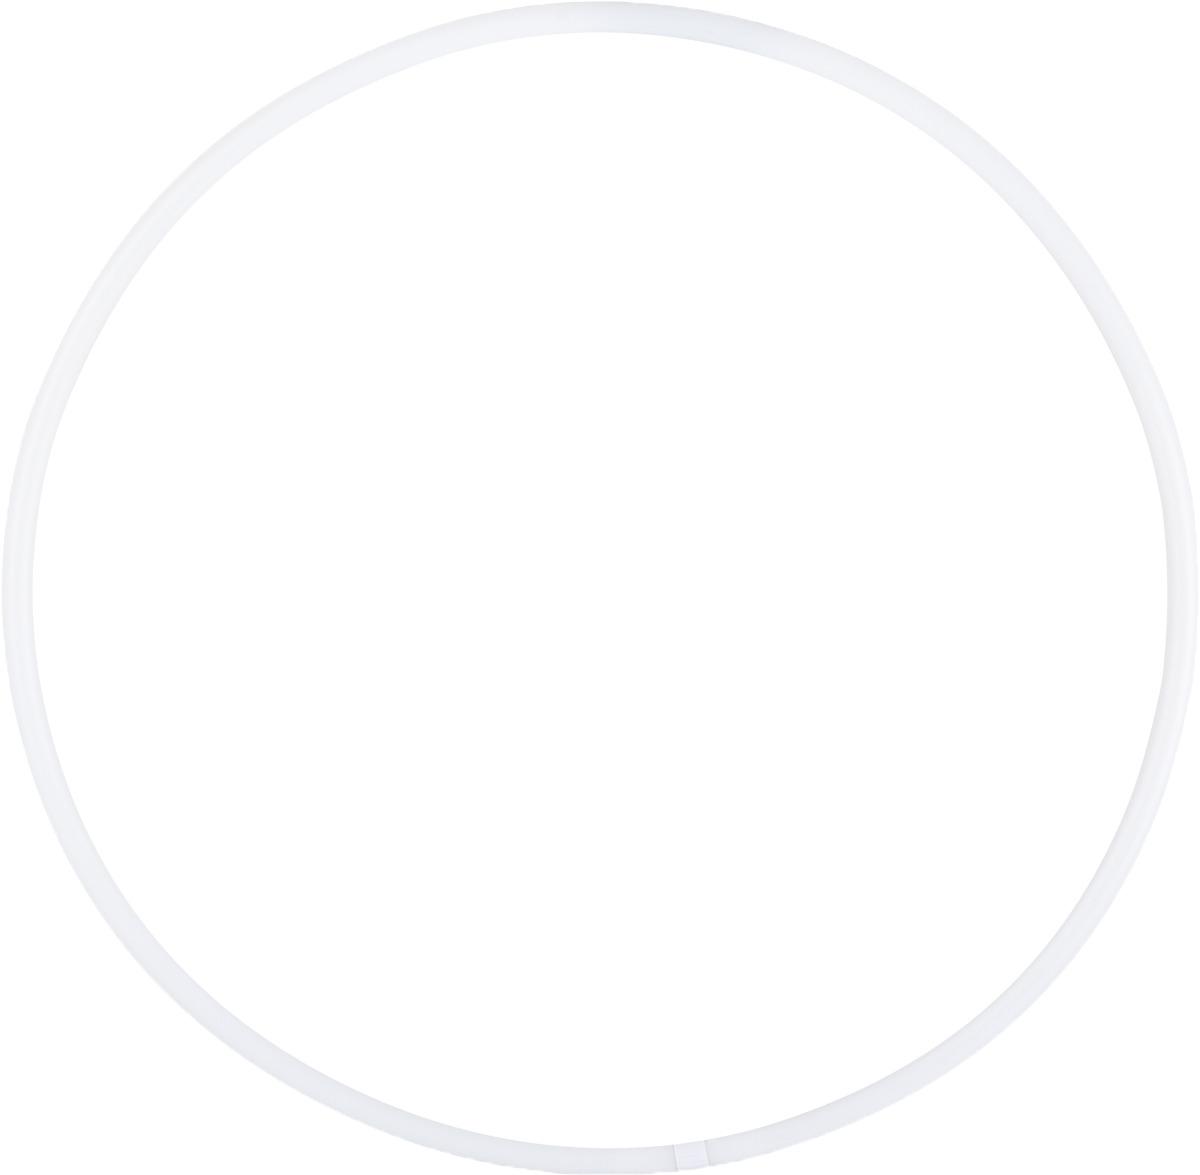 Обруч для художественной гимнастики Amely AGO-101, диаметр 60 см, цвет: белый обруч пластмастер 40040 диаметр 50 см цвет в ассортименте